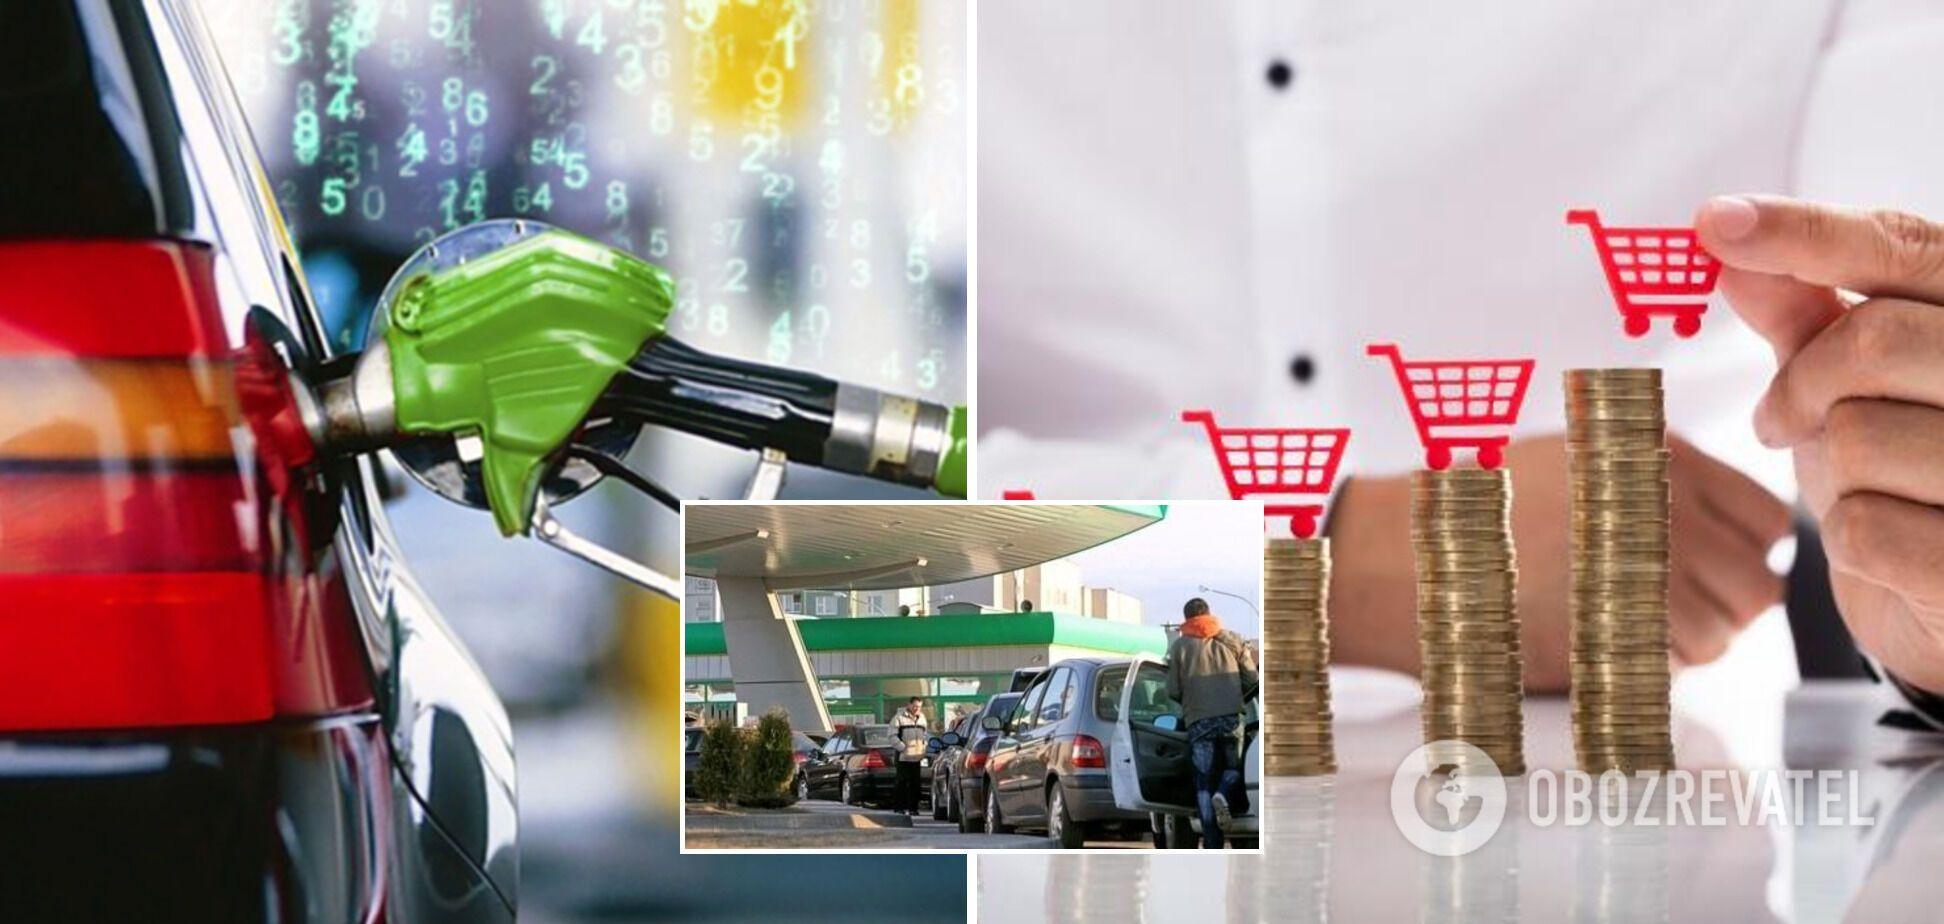 Коммунизм от Кабмина: госрегулирование цен на топливо ударит по карманам украинцев